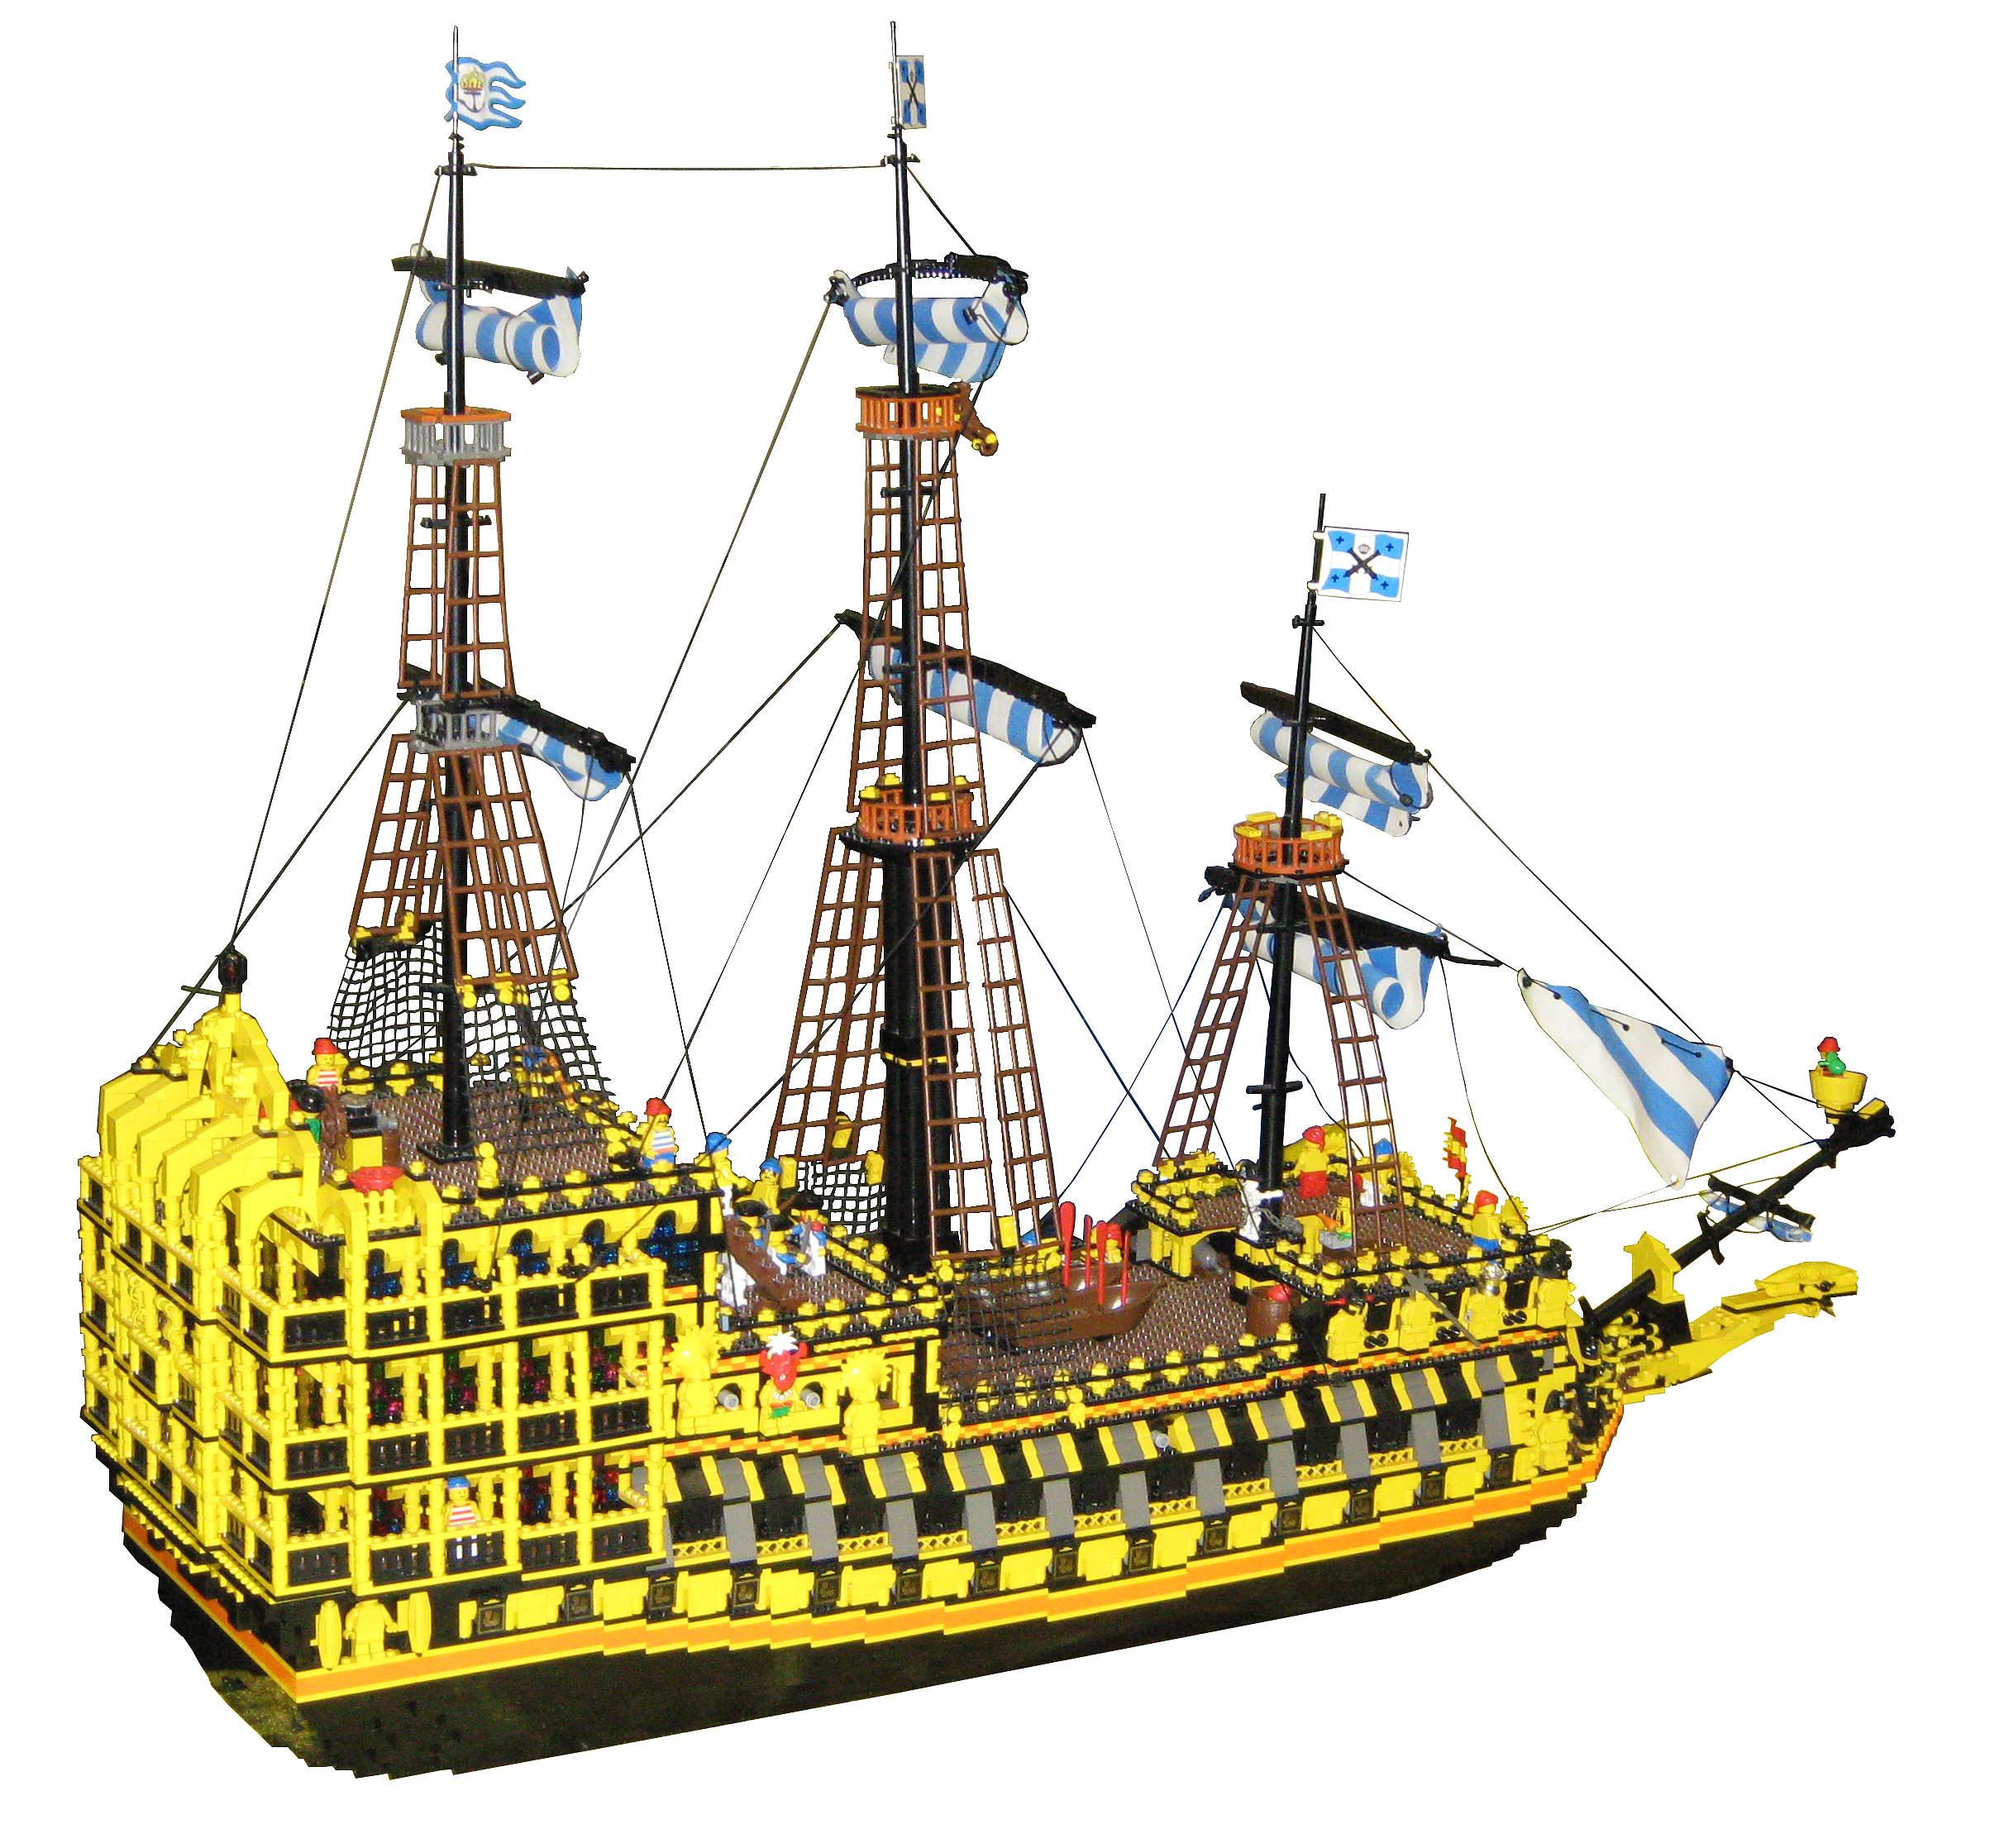 Lego Digital Designer Building Guide Takes Forever